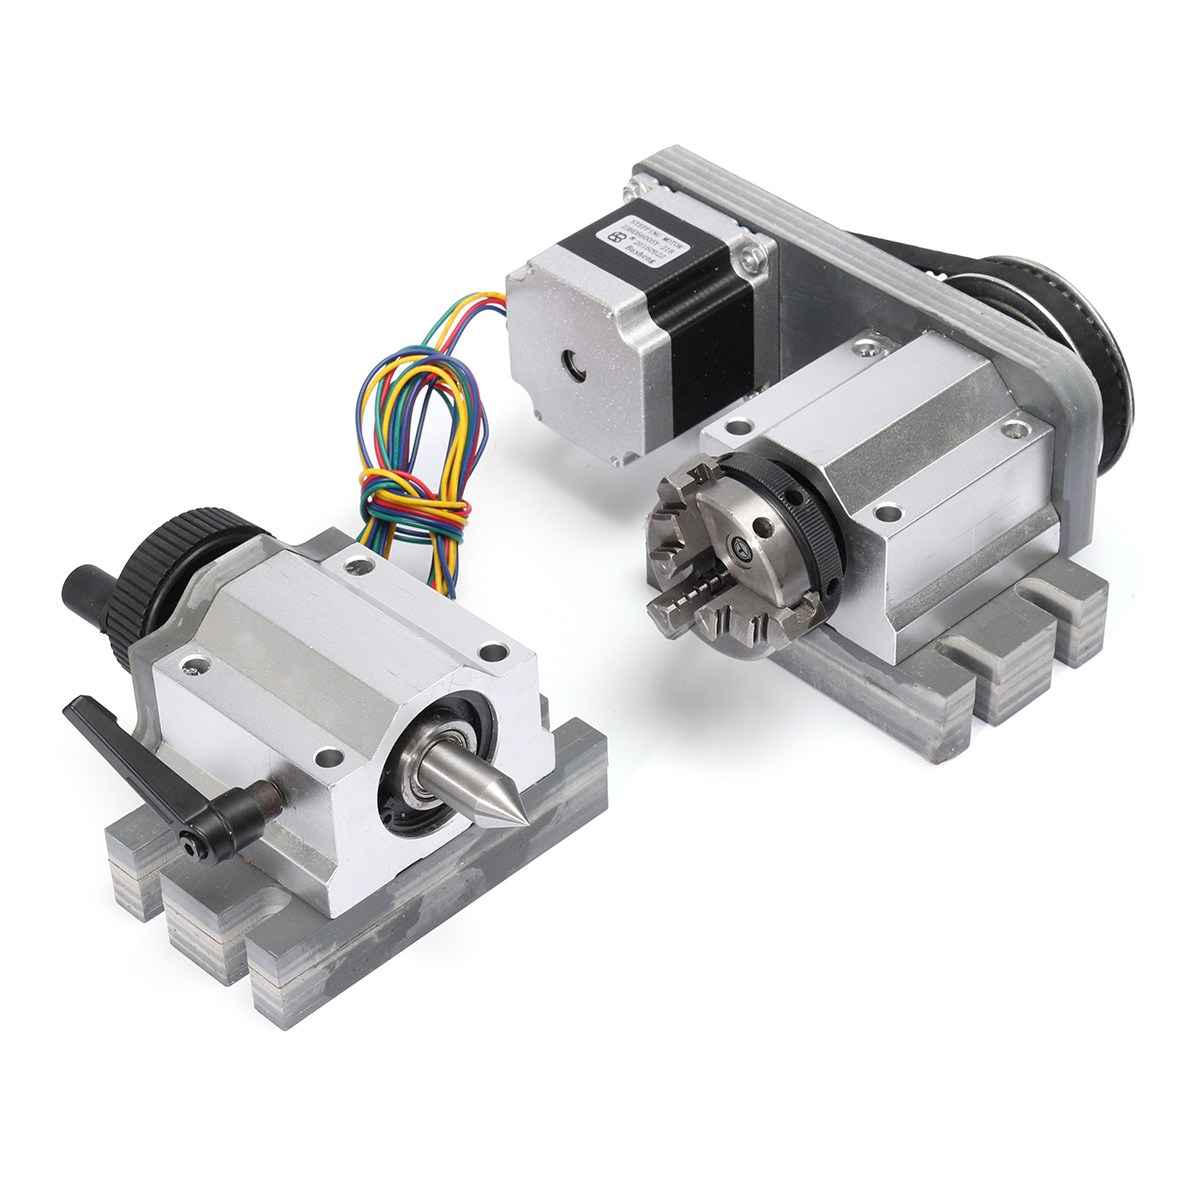 Routeur CNC Rotation Axe Rotatif a-axe 4th-axis 3-Mors 80mm et Queue stock Moteur pas à pas pour machine de gravure